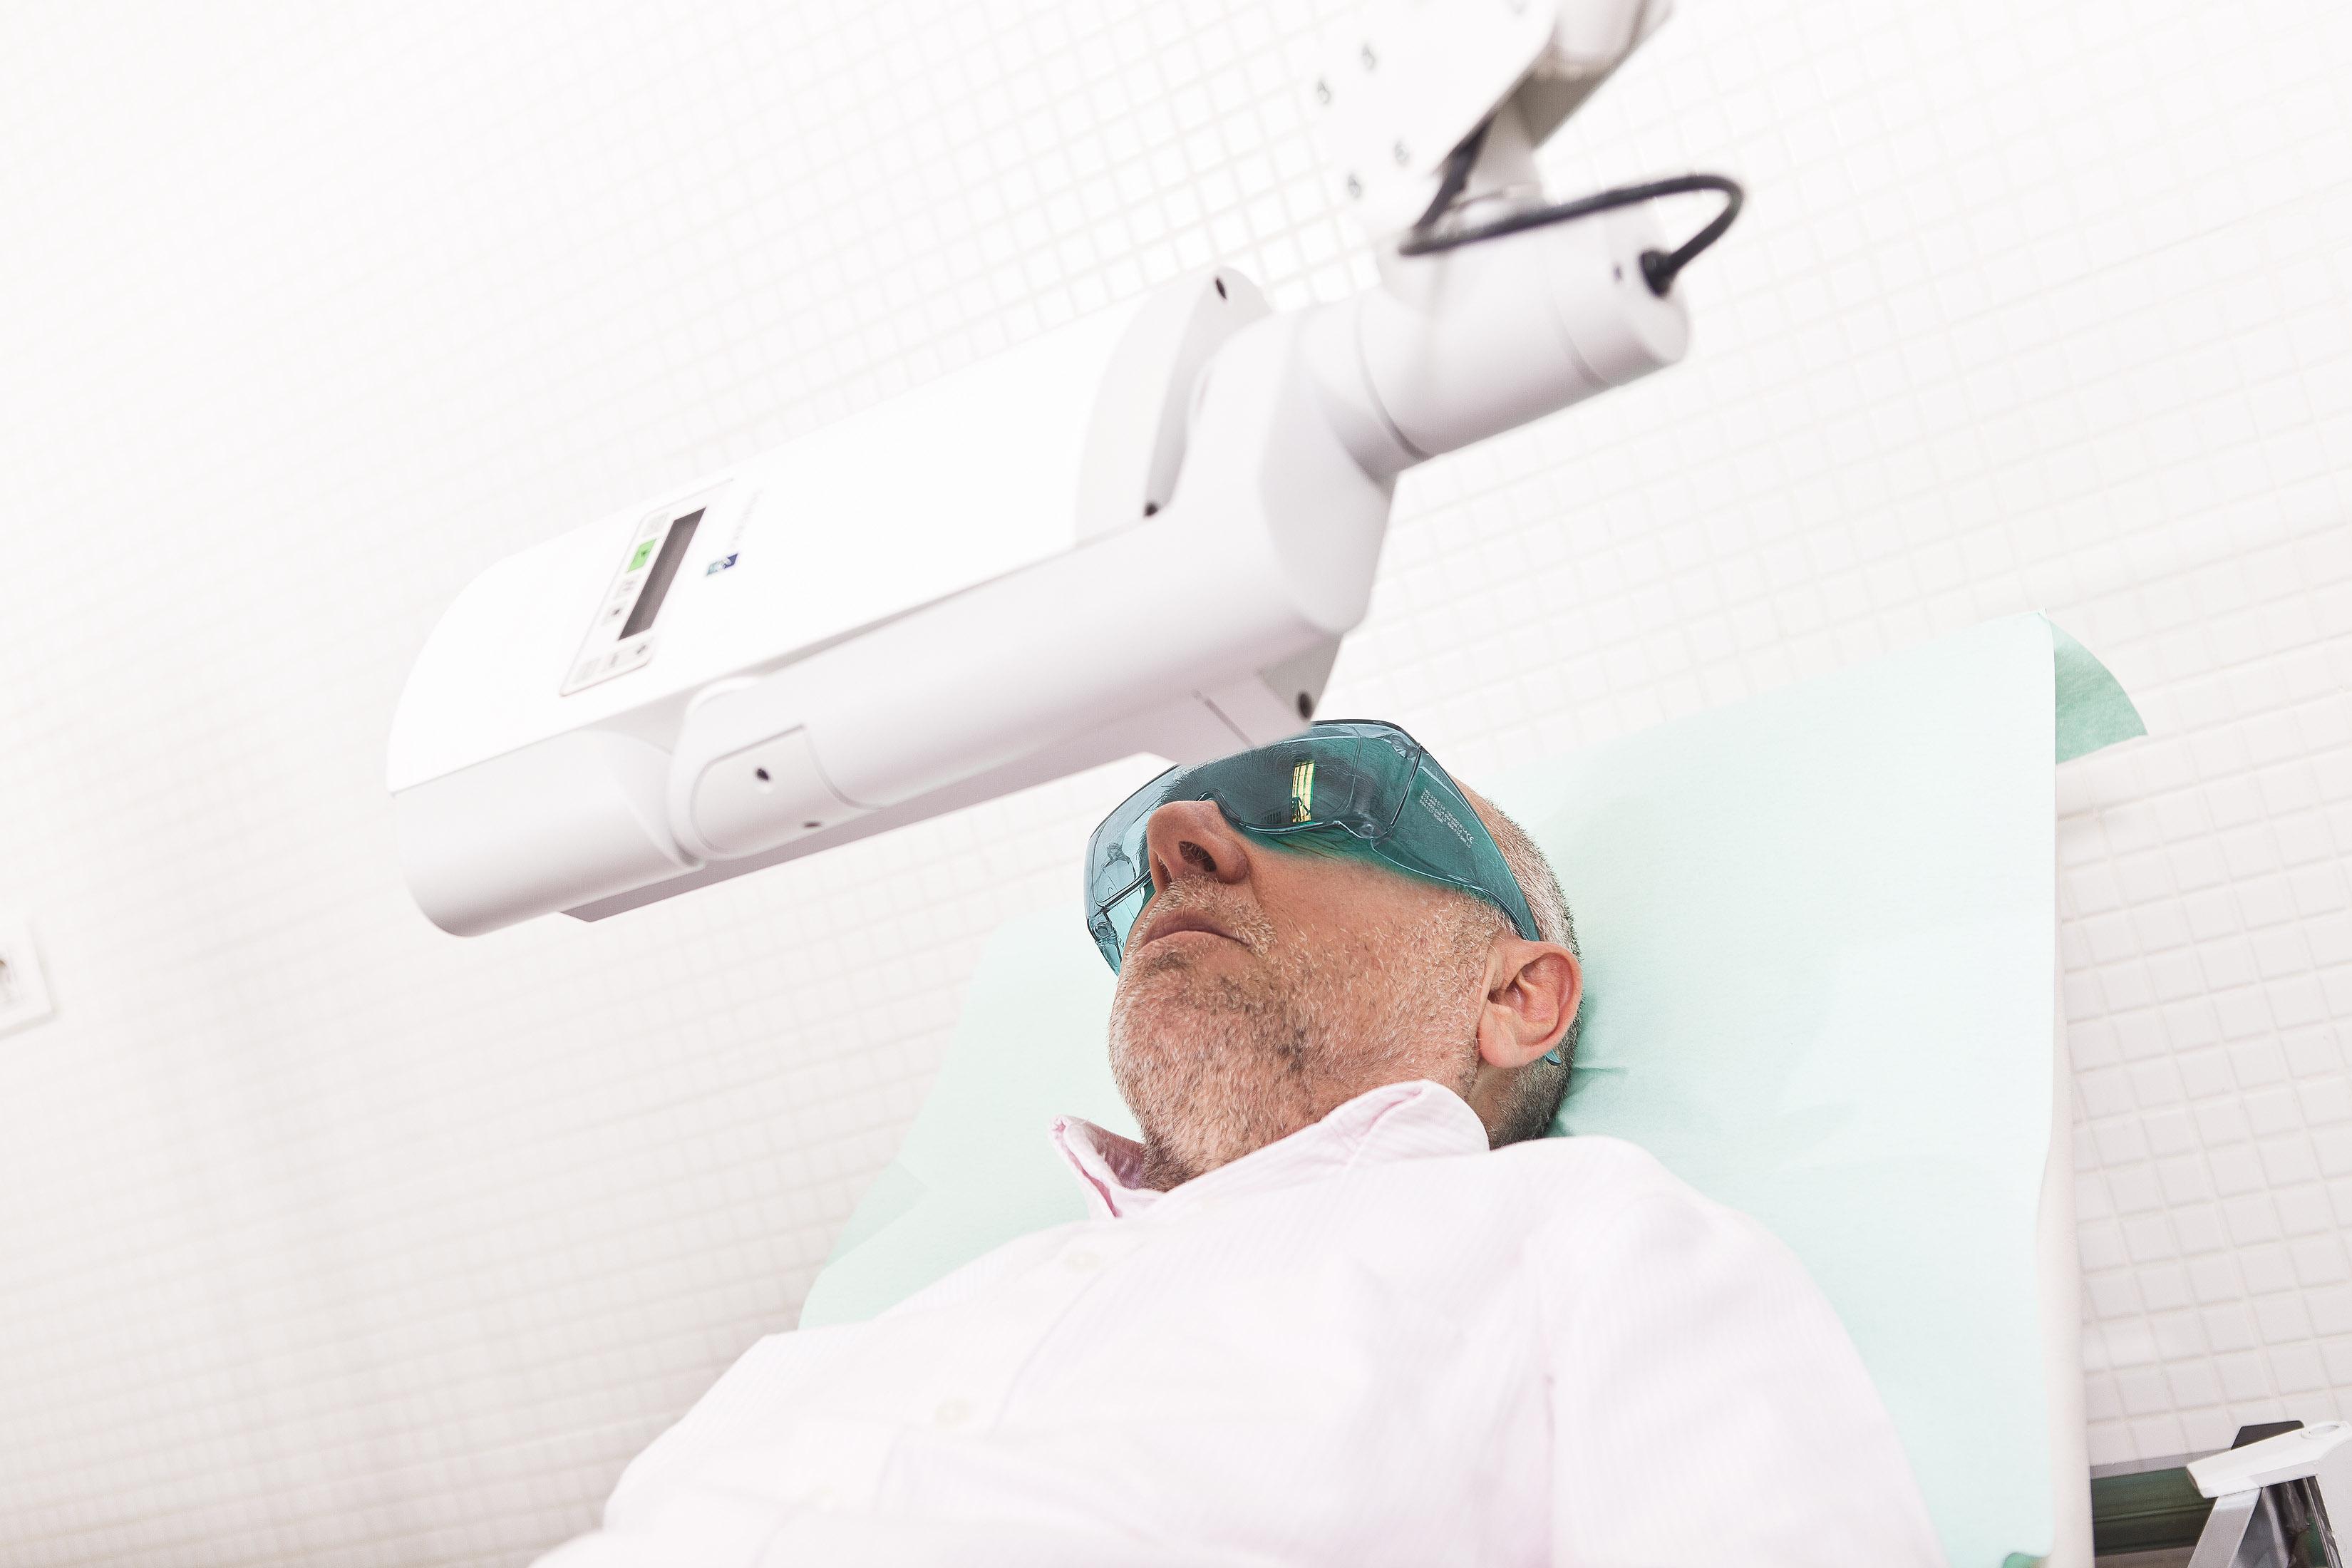 clinica dermatologica en granada - clinica de dermatologia granada